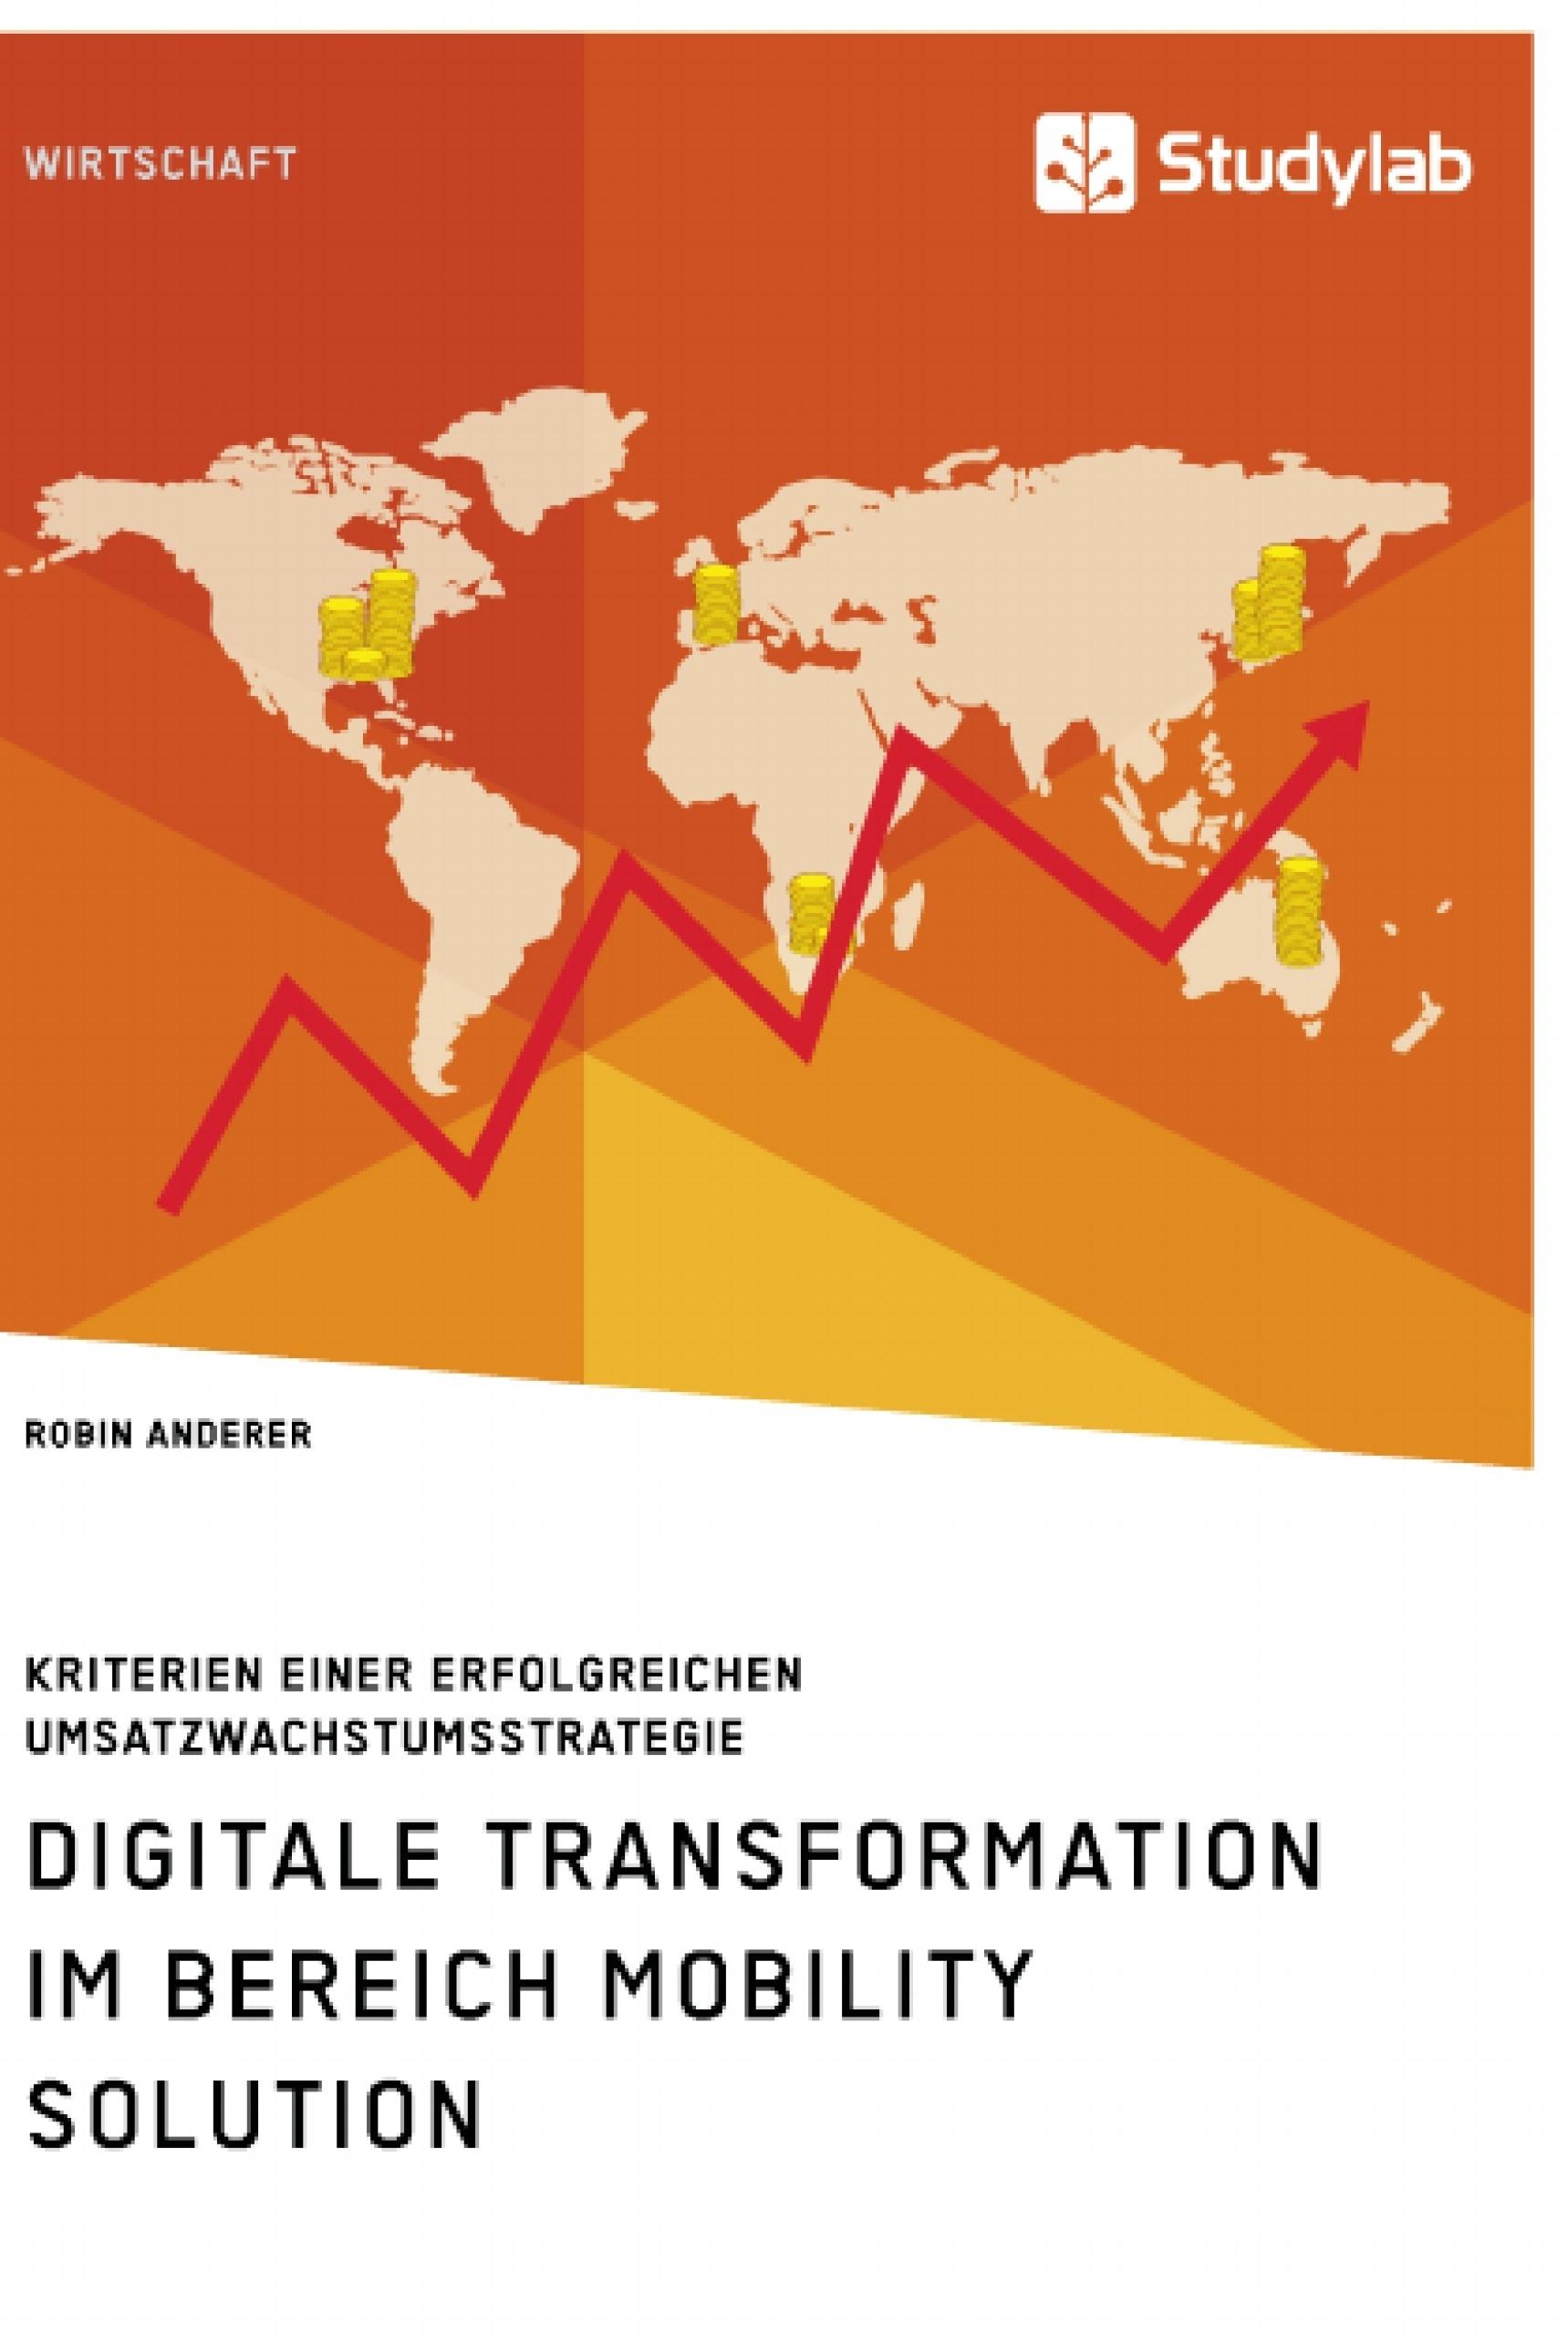 Titel: Digitale Transformation im Bereich Mobility Solution. Kriterien einer erfolgreichen Umsatzwachstumsstrategie